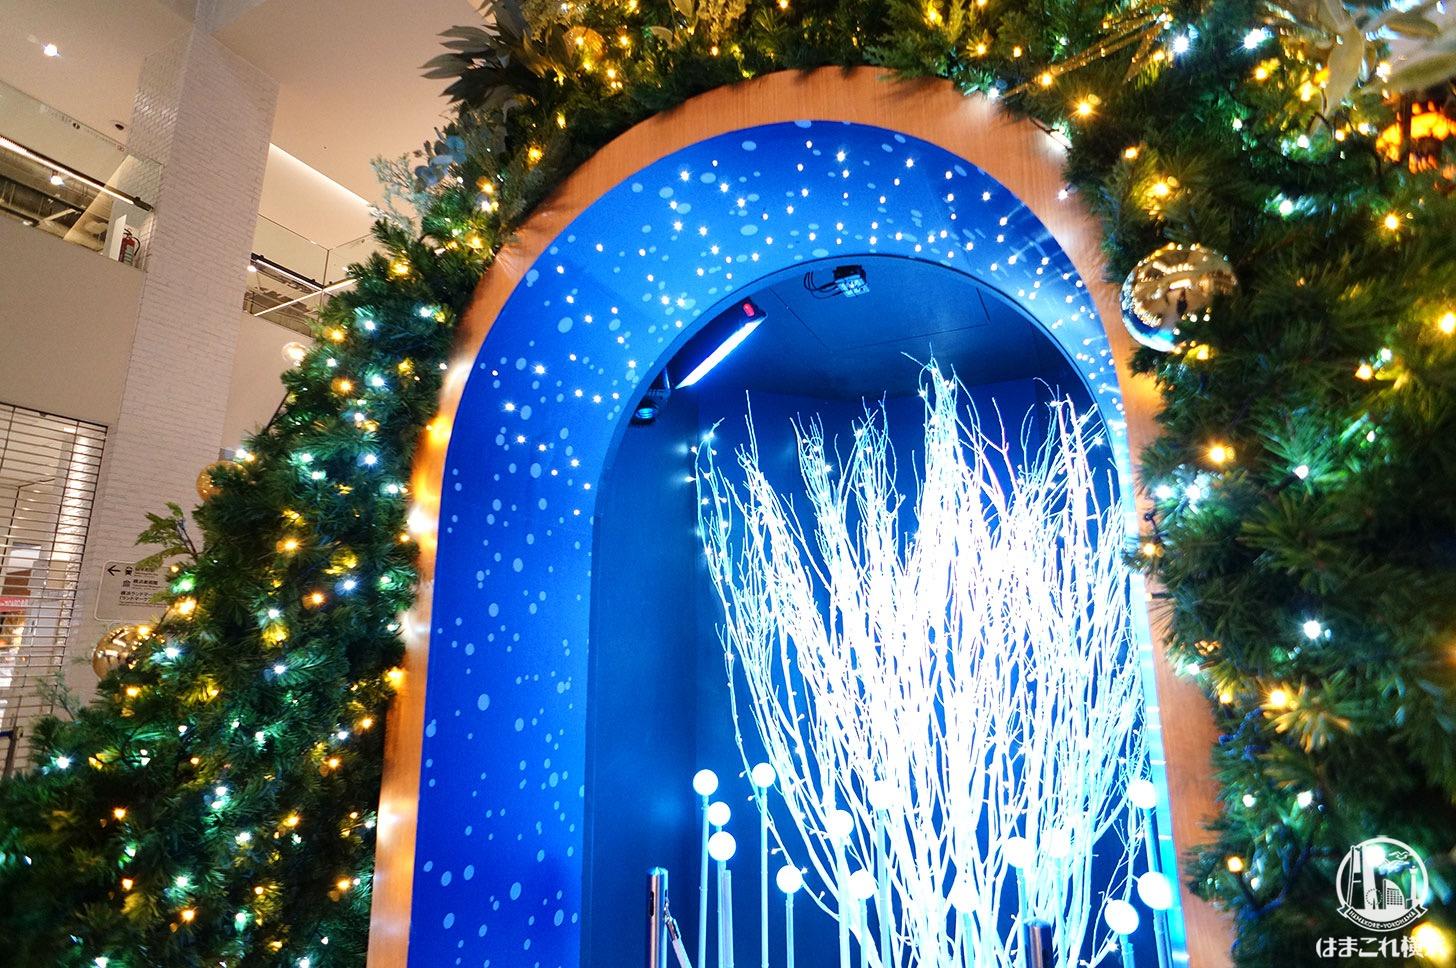 マークイズみなとみらい クリスマスツリー イルミネーション